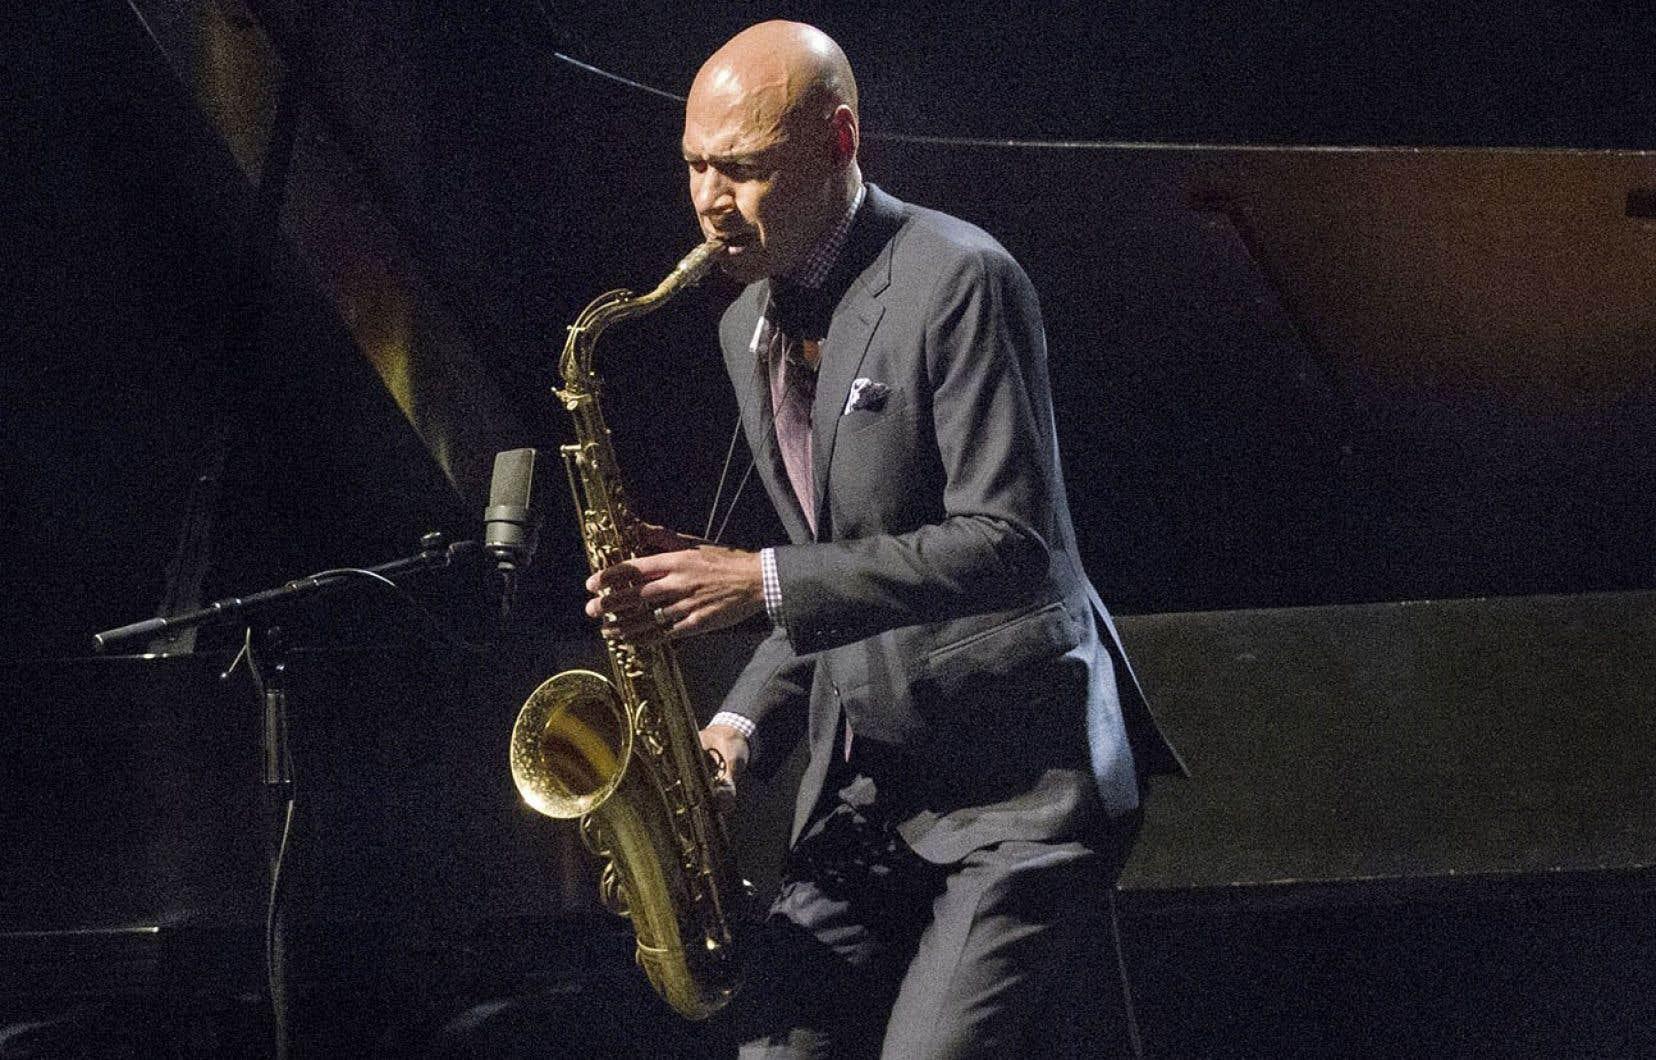 Le saxophoniste Joshua Redman se présente à Montréal cette année entouré des musiciens Aaron Goldberg, Reuben Rogers et Gregory Hutchinson.